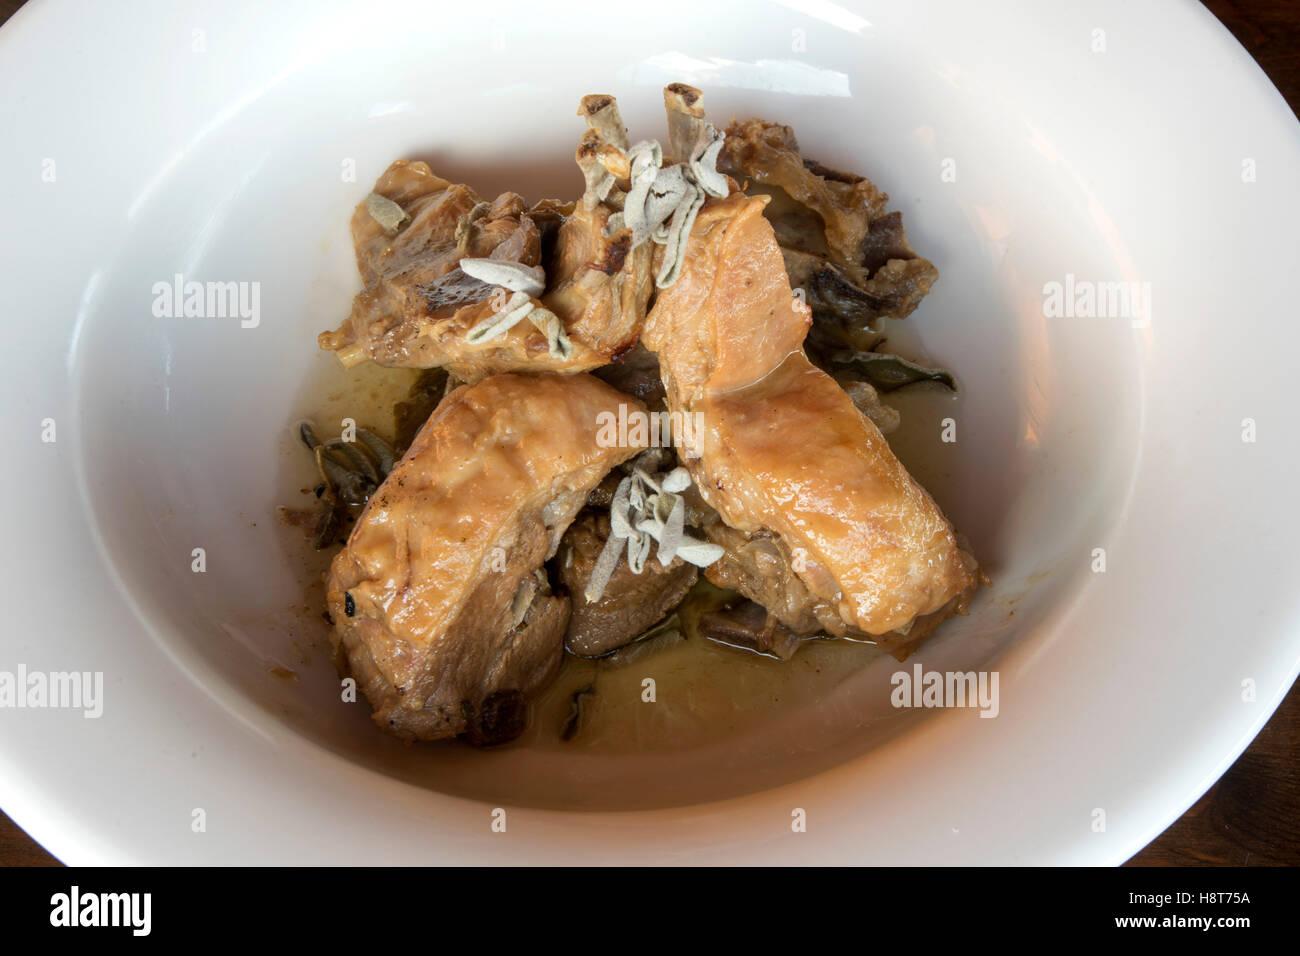 Griechenland, Kreta, griechische Küche, Lassithi-Hochebene, Taverne Vilaeti, Ziege mit Salbei - Stock Image